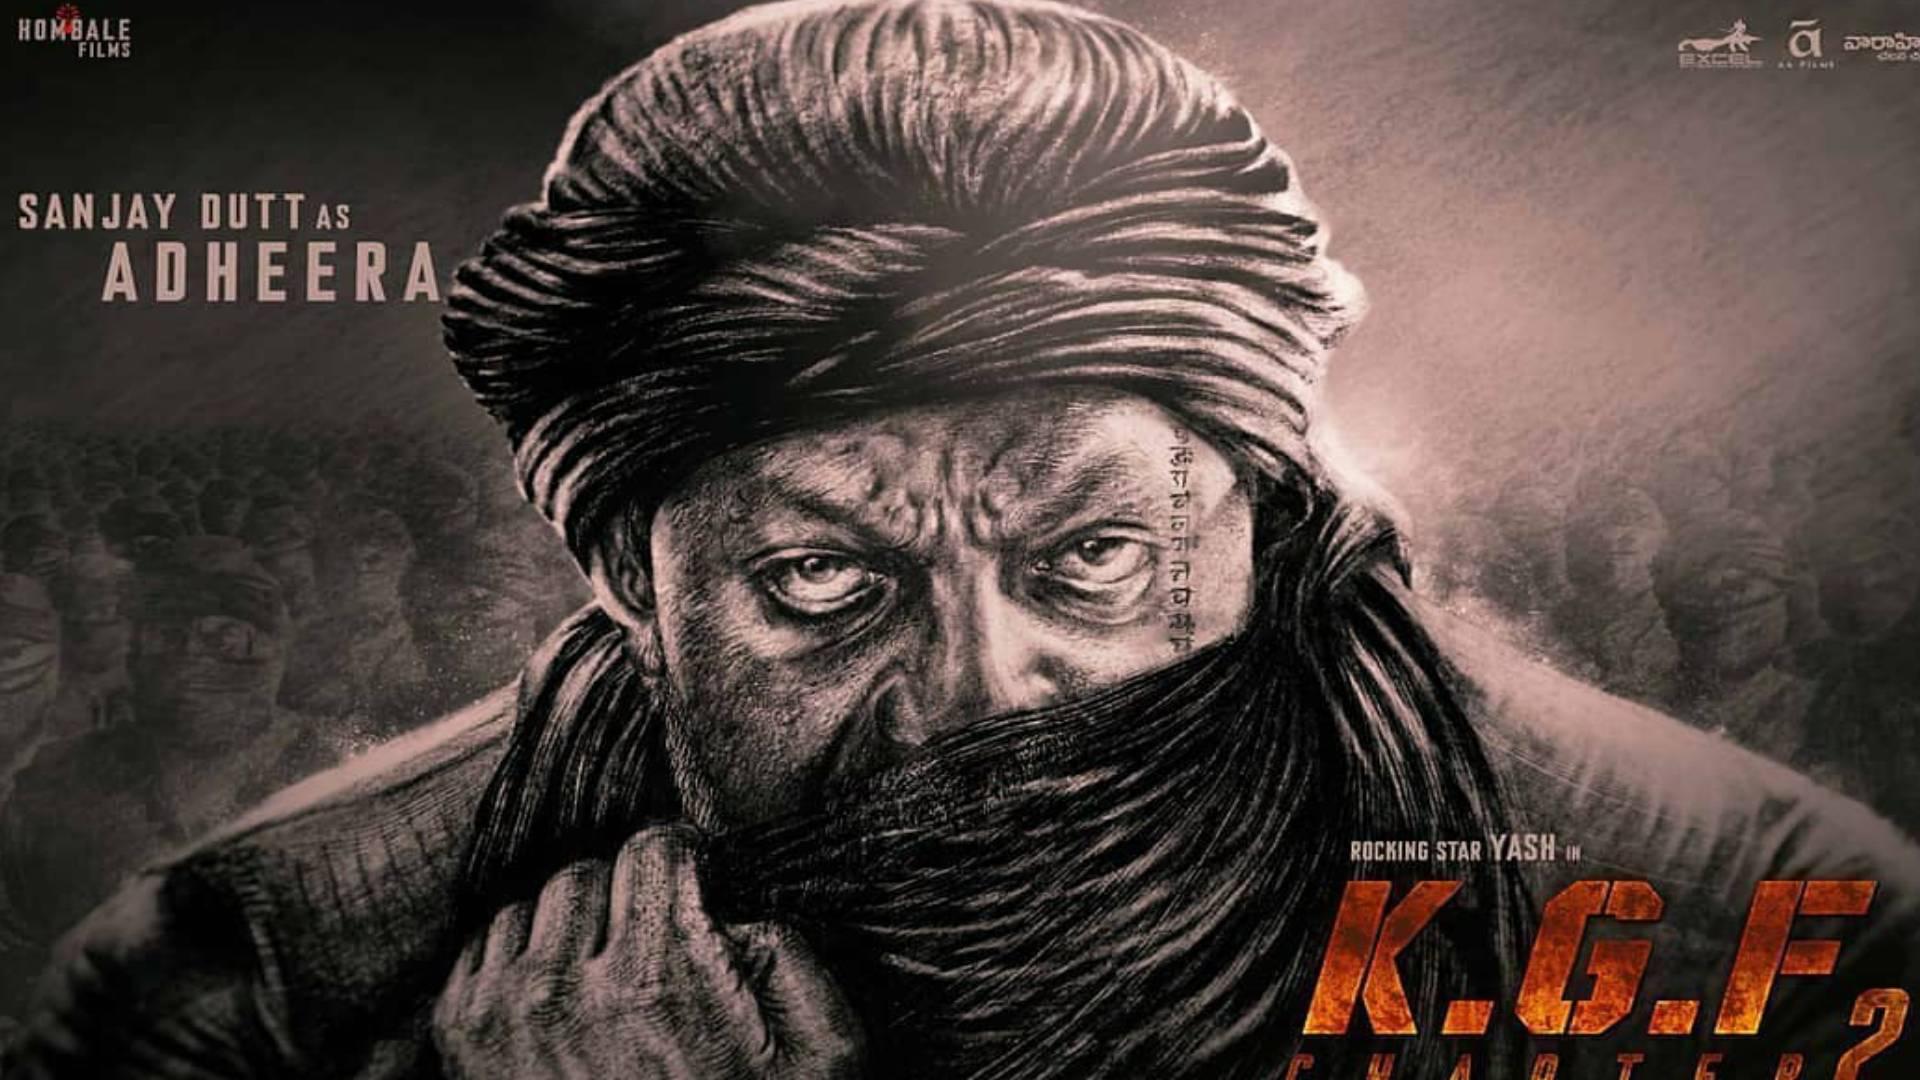 KGF Chapter 2: संजय दत्त निभाएंगे अधीरा का किरदार, पोस्टर में दिखा बॉलीवुड के खलनायक का धांसू लुक